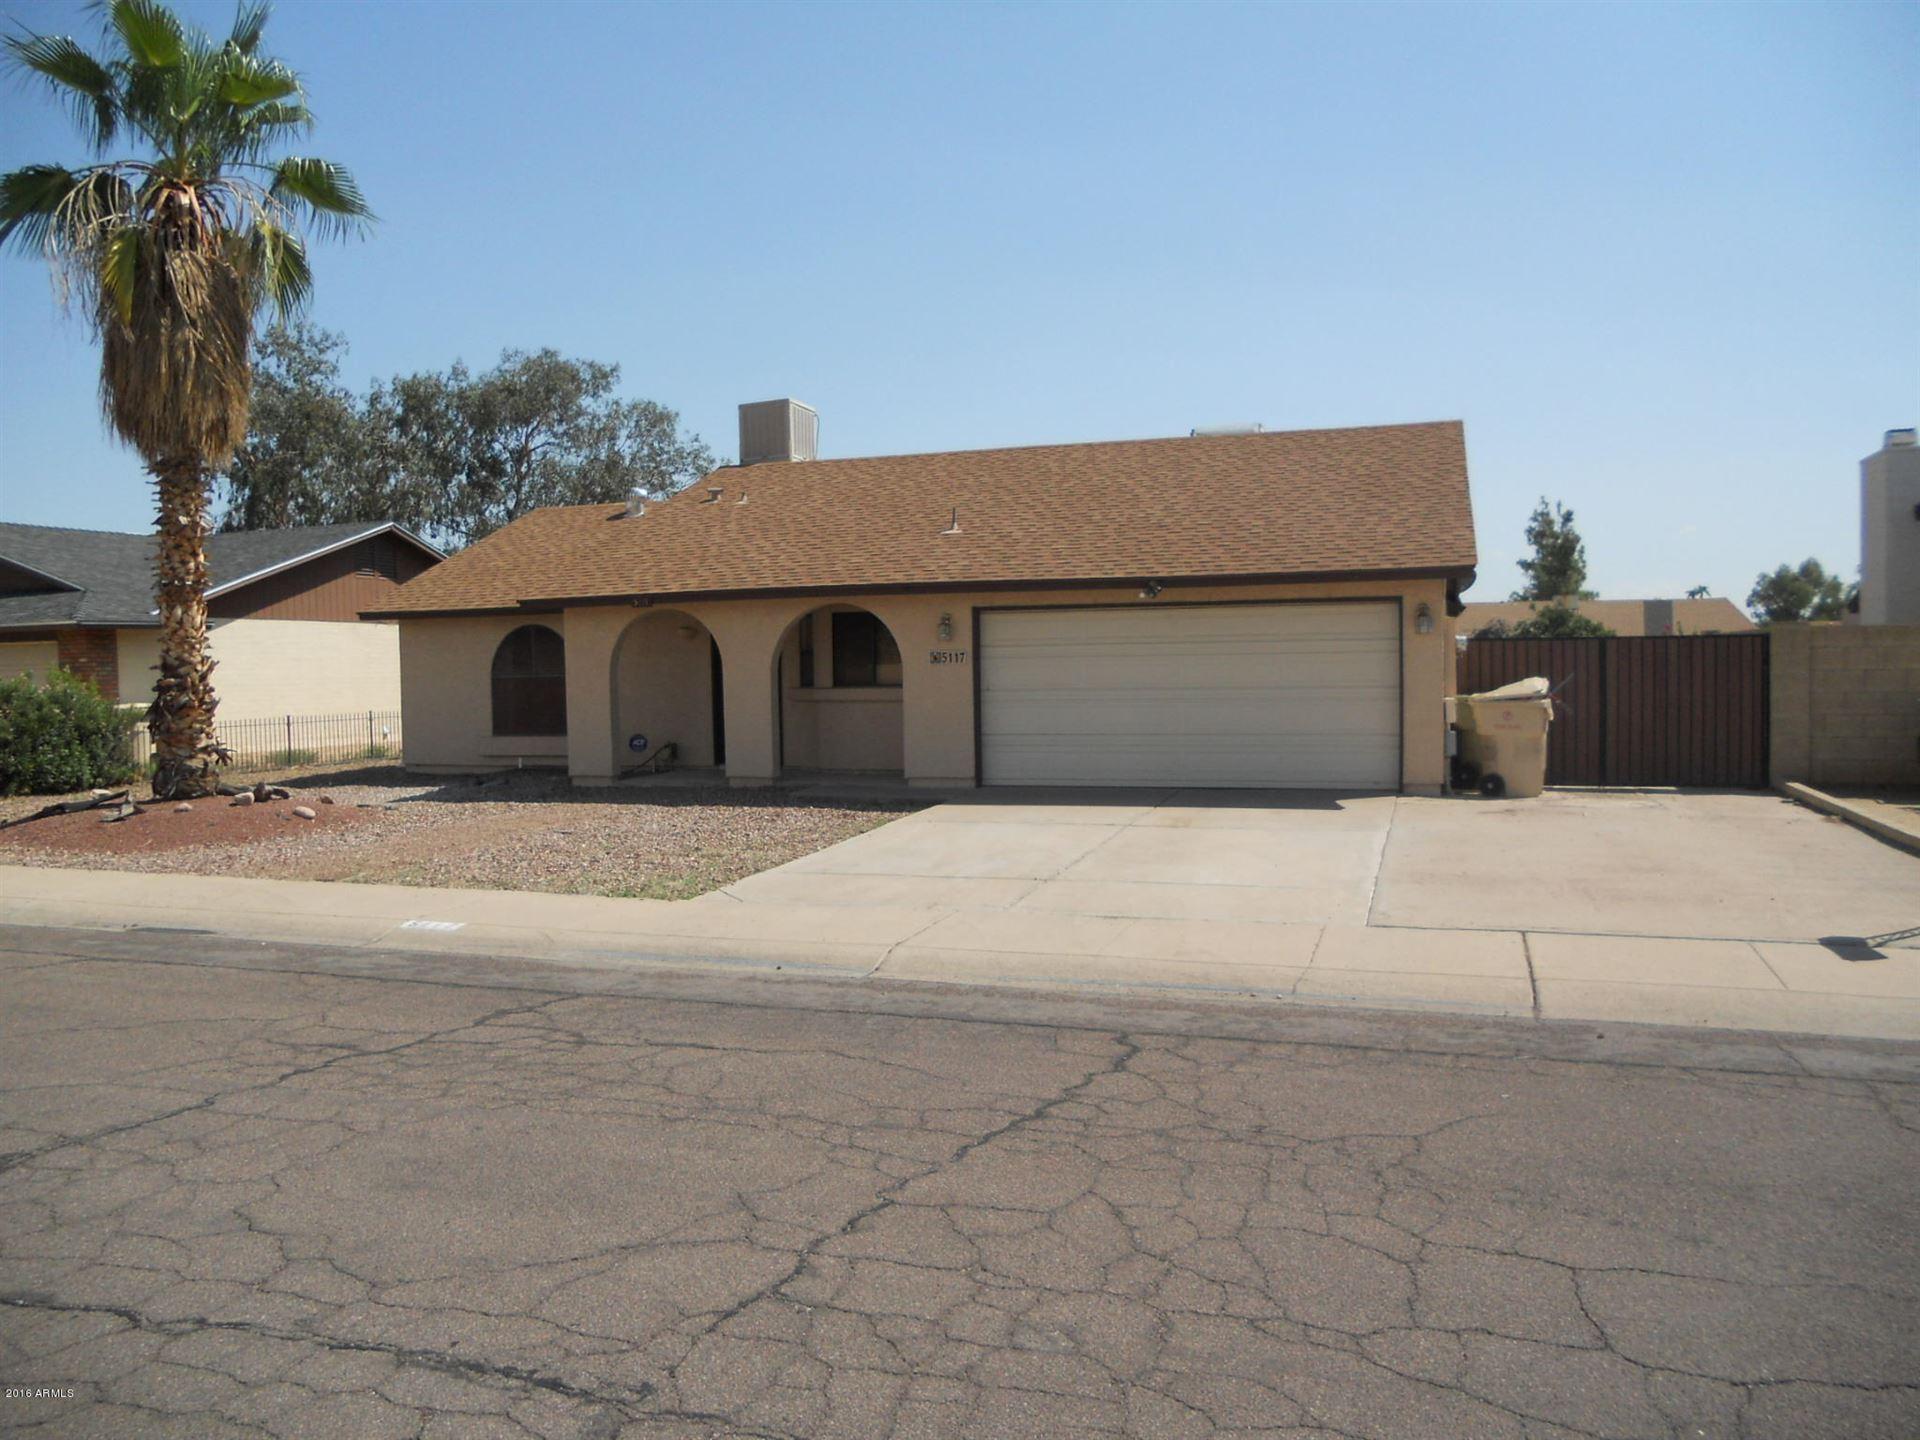 5117 W SELDON Lane, Glendale, AZ 85302 - MLS#: 6200070